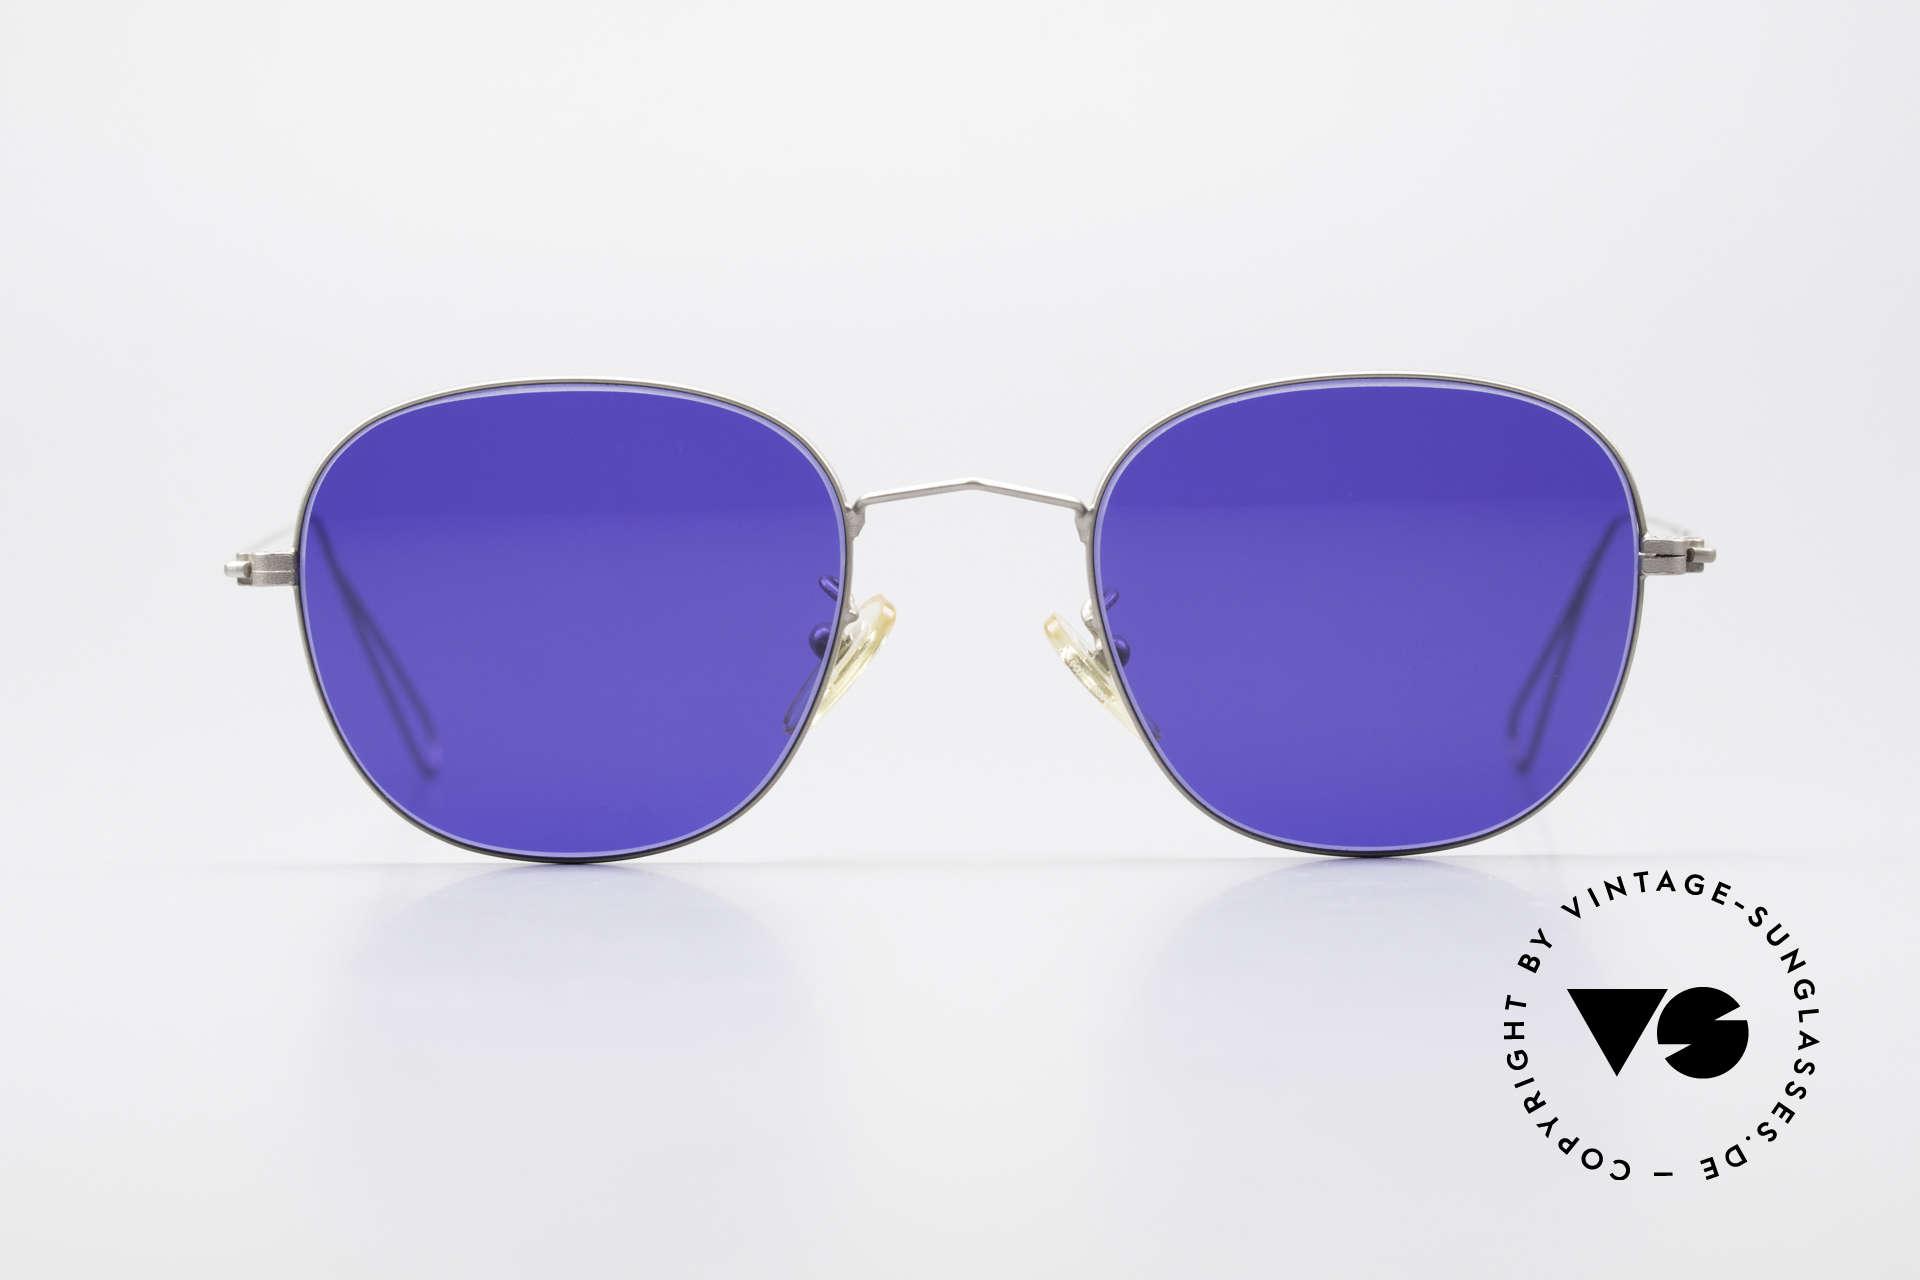 Cutler And Gross 0307 Klassische Vintage Brille 90er, klassisch, zeitlose Understatement Luxus-Sonnenbrille, Passend für Herren und Damen